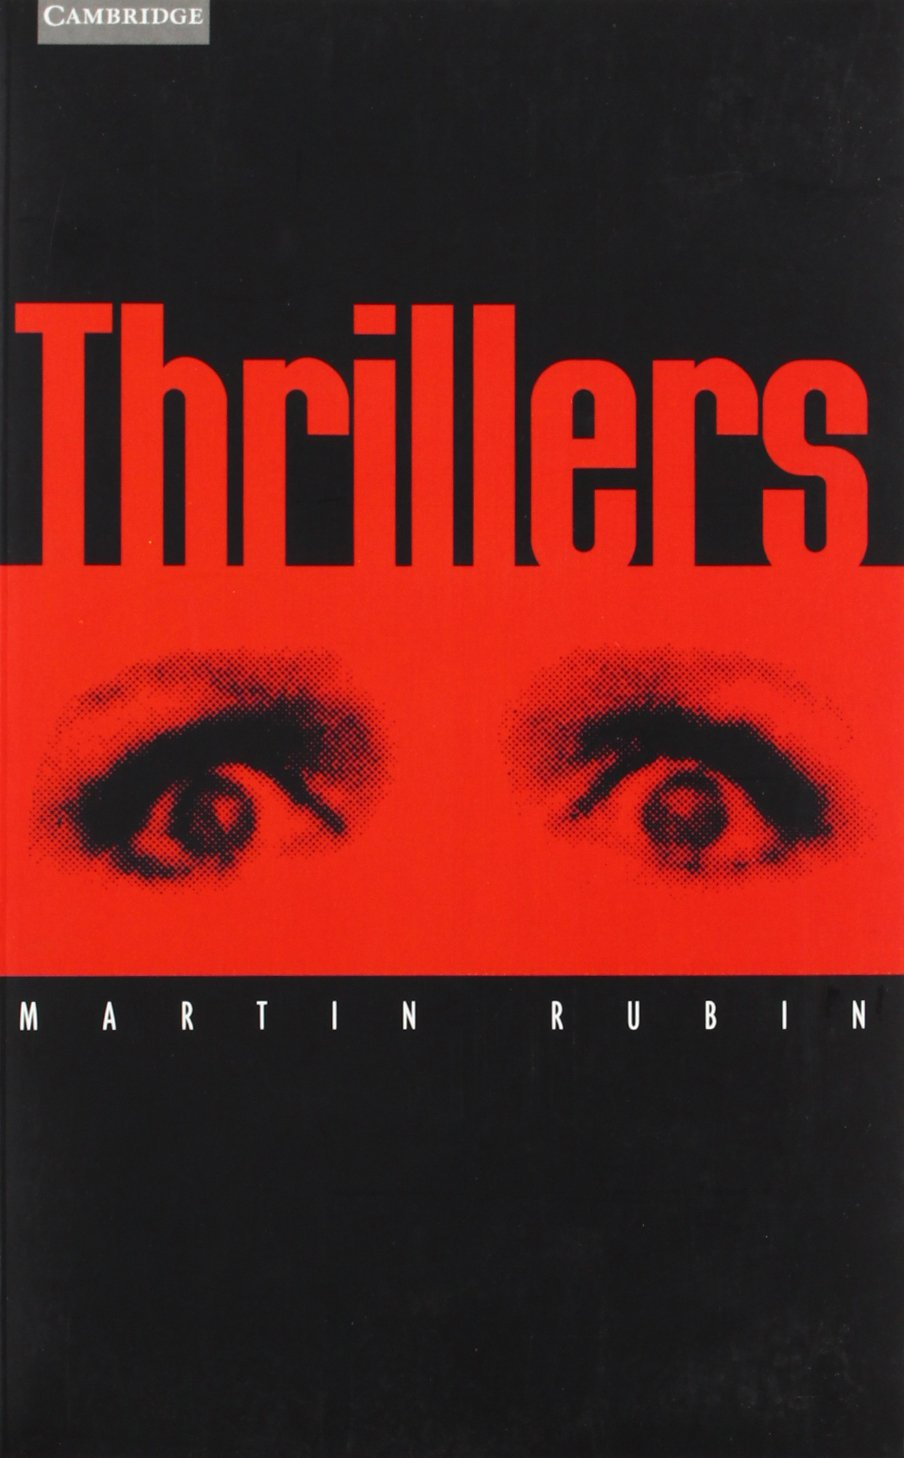 Thrillers (Cine) Tapa blanda – 20 nov 2003 Martin Rubin Manuel Talens Ediciones Akal 8483231085